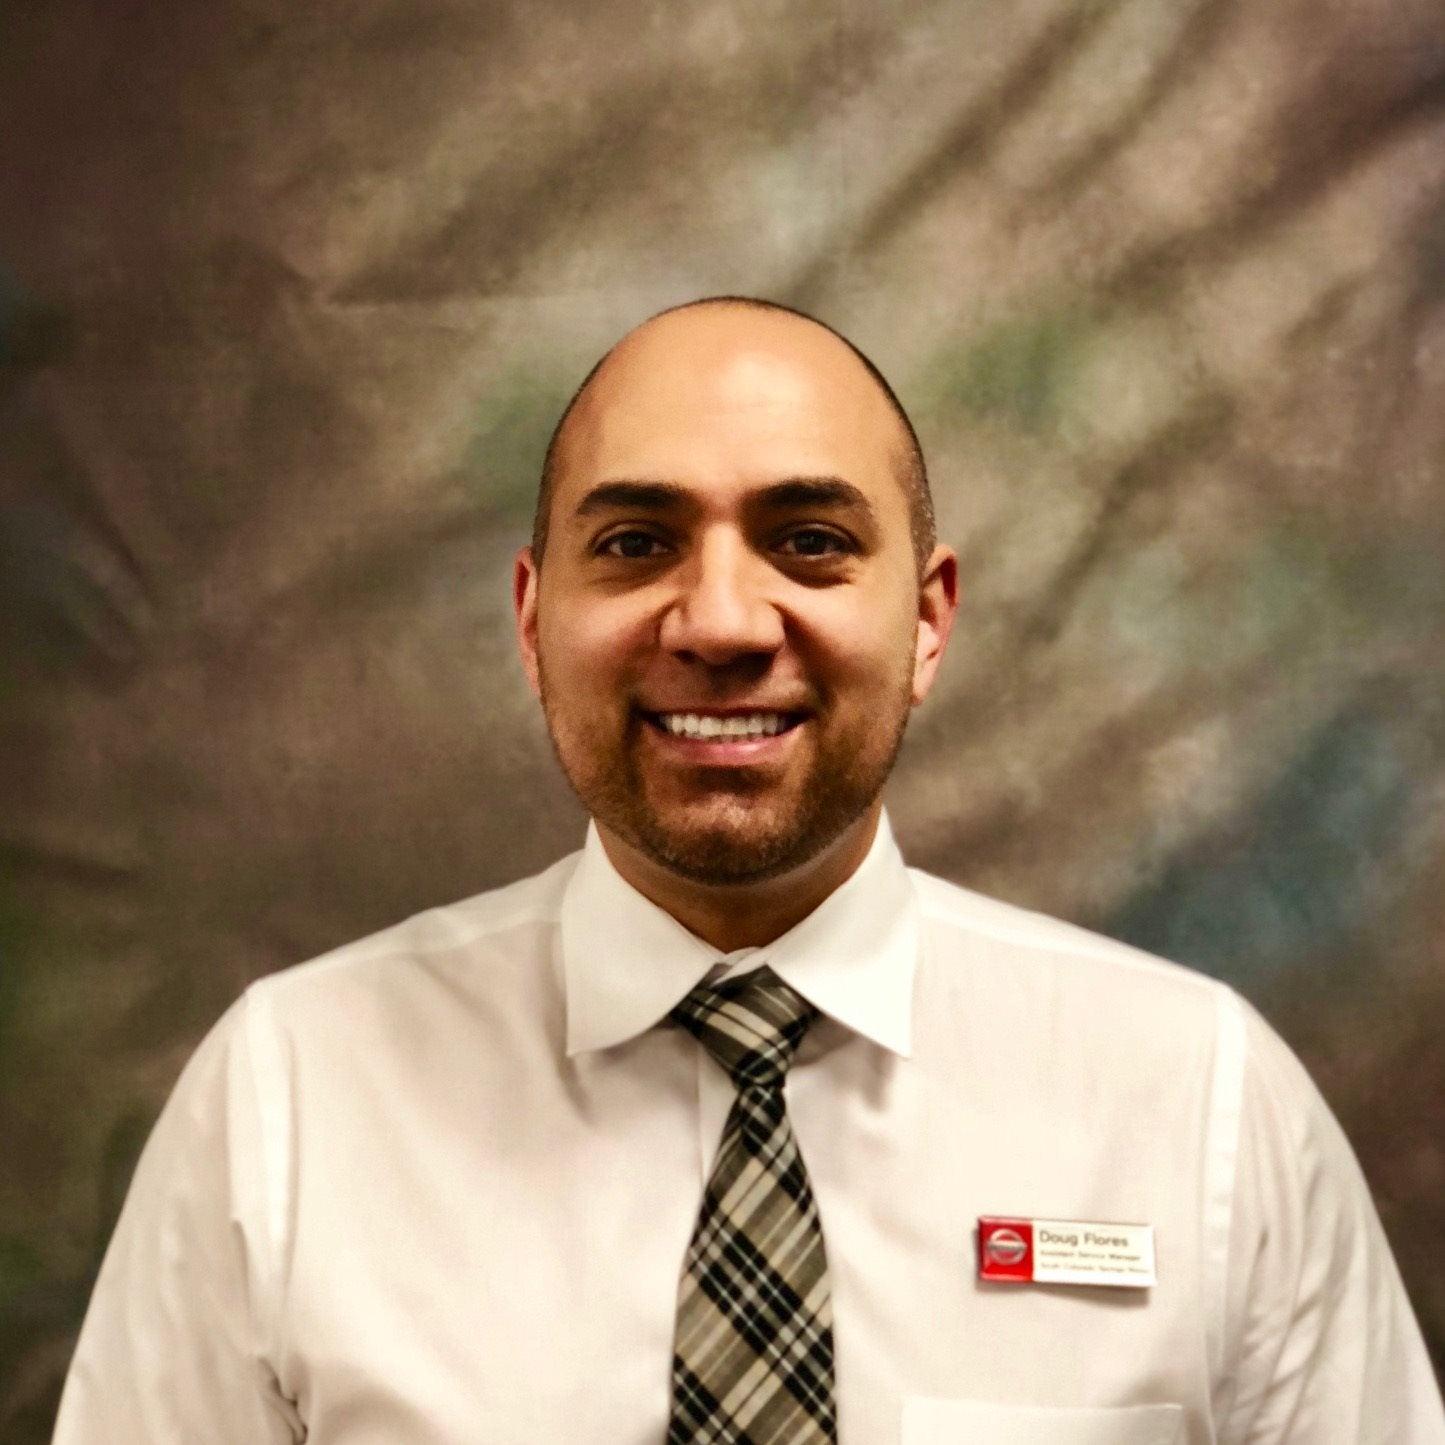 Assistant Service Manager Doug Flores